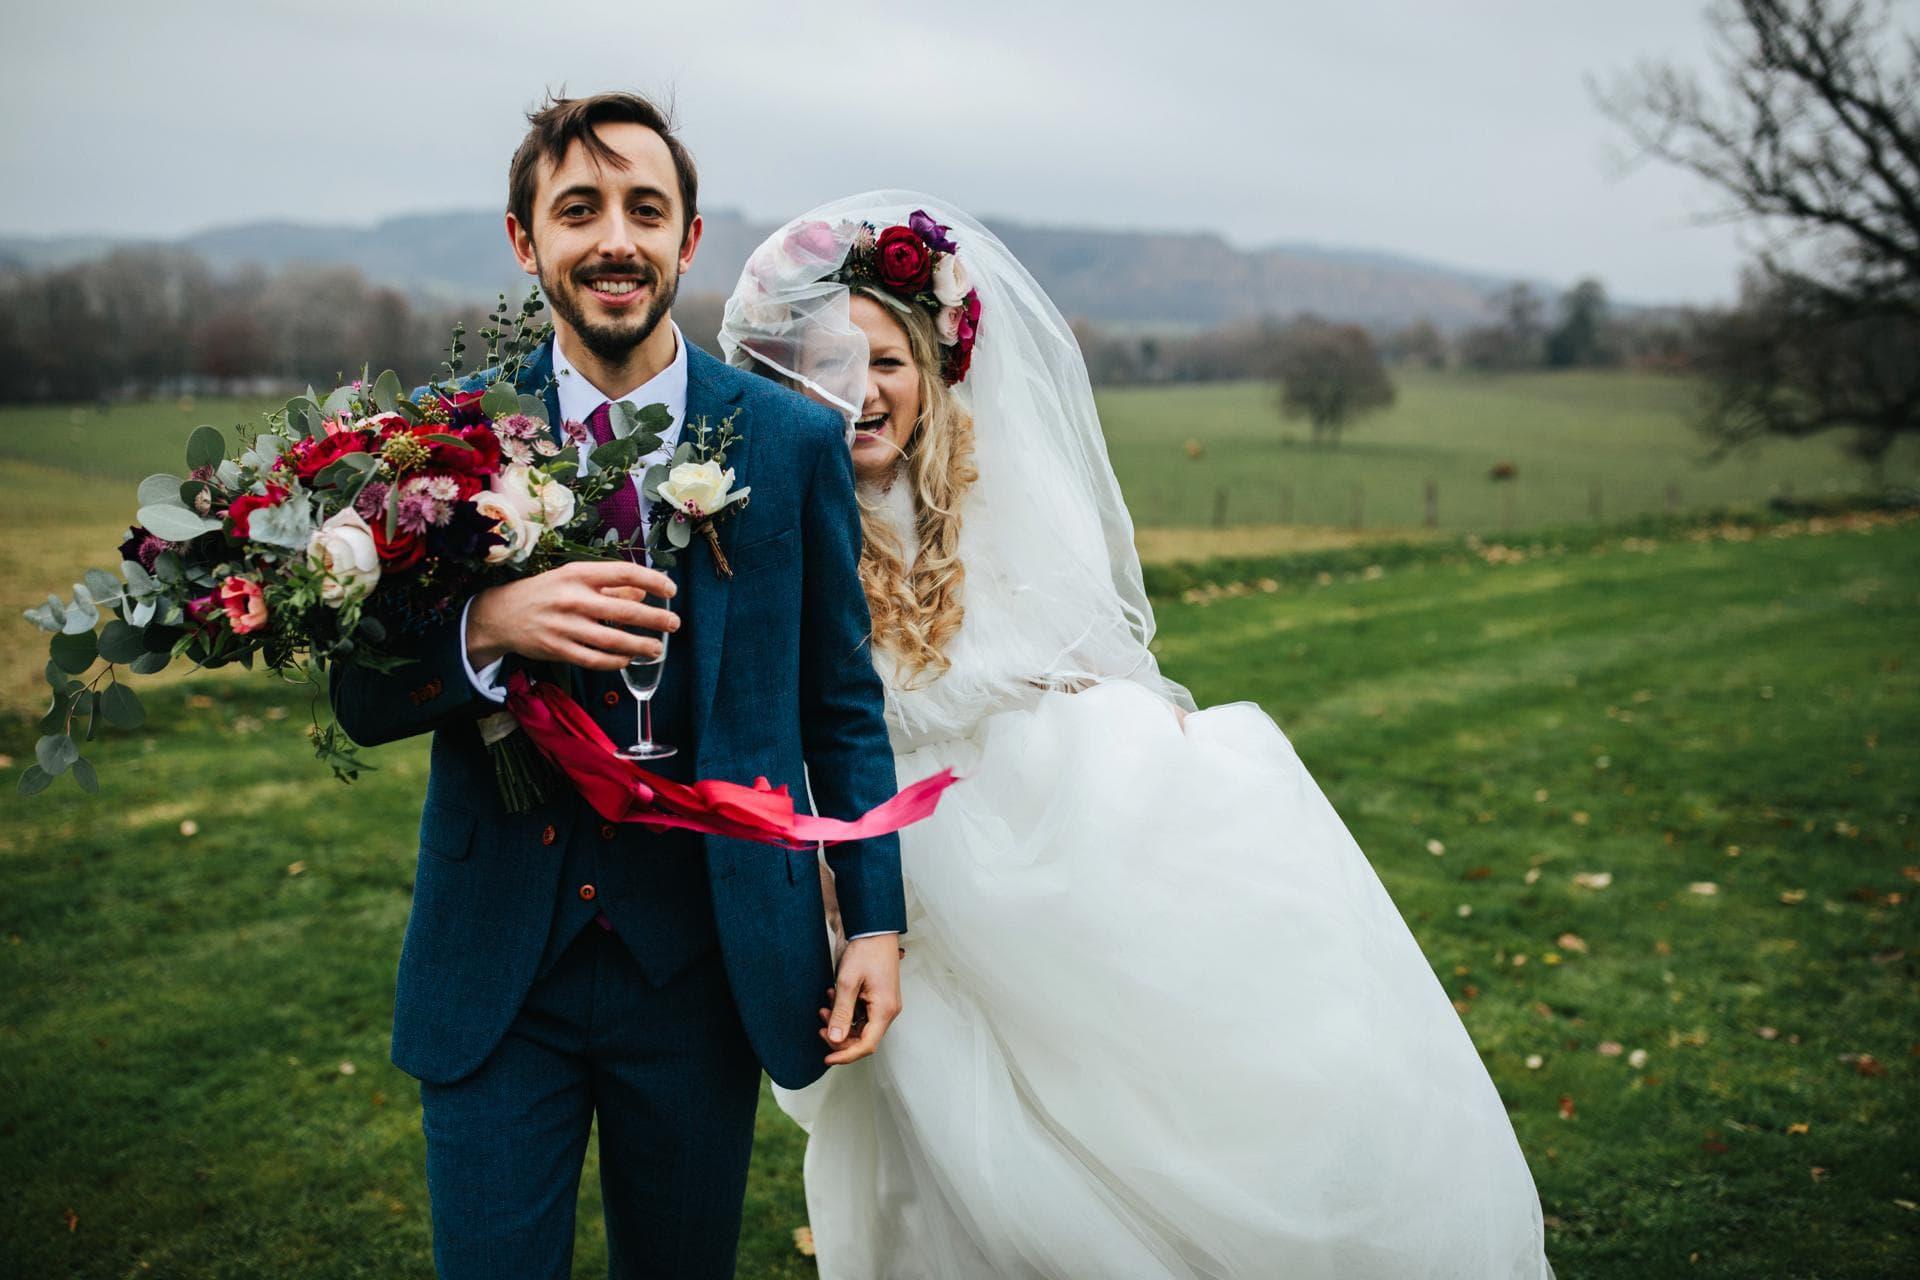 uk wedding photographer reviews